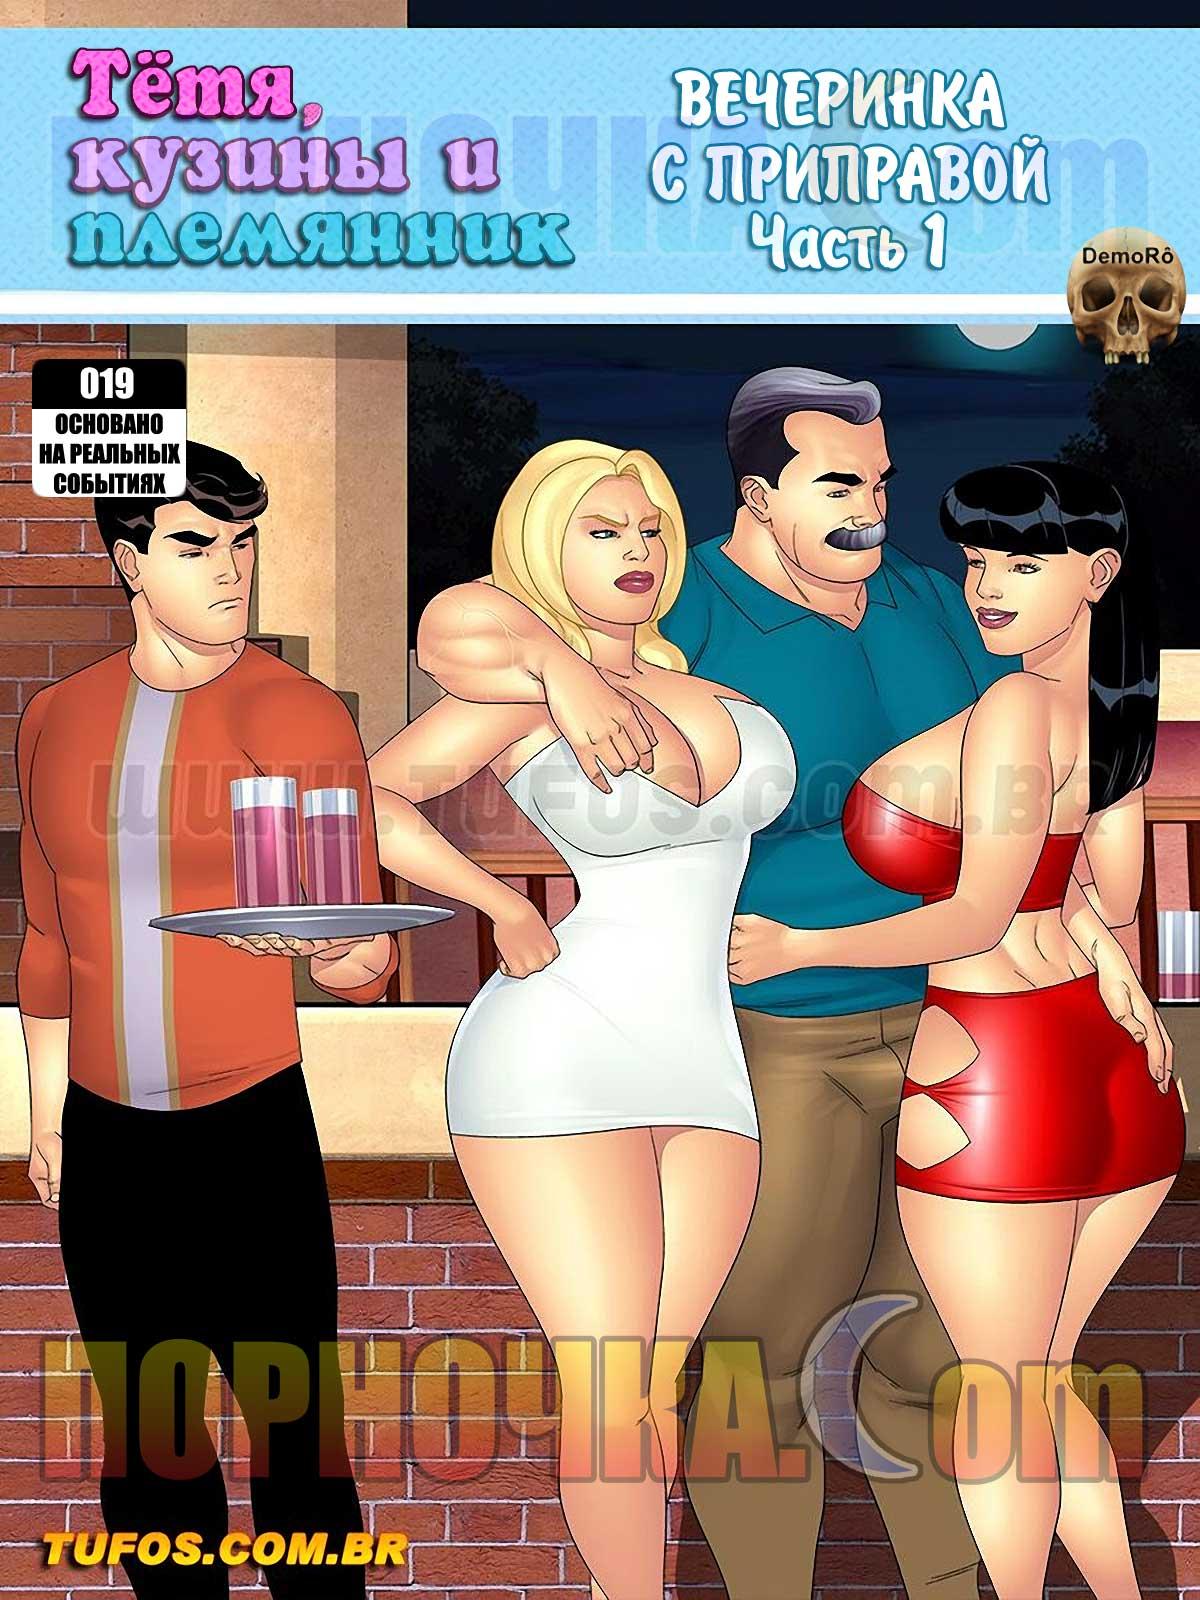 порно комикс тетя, кузины и племянник 19